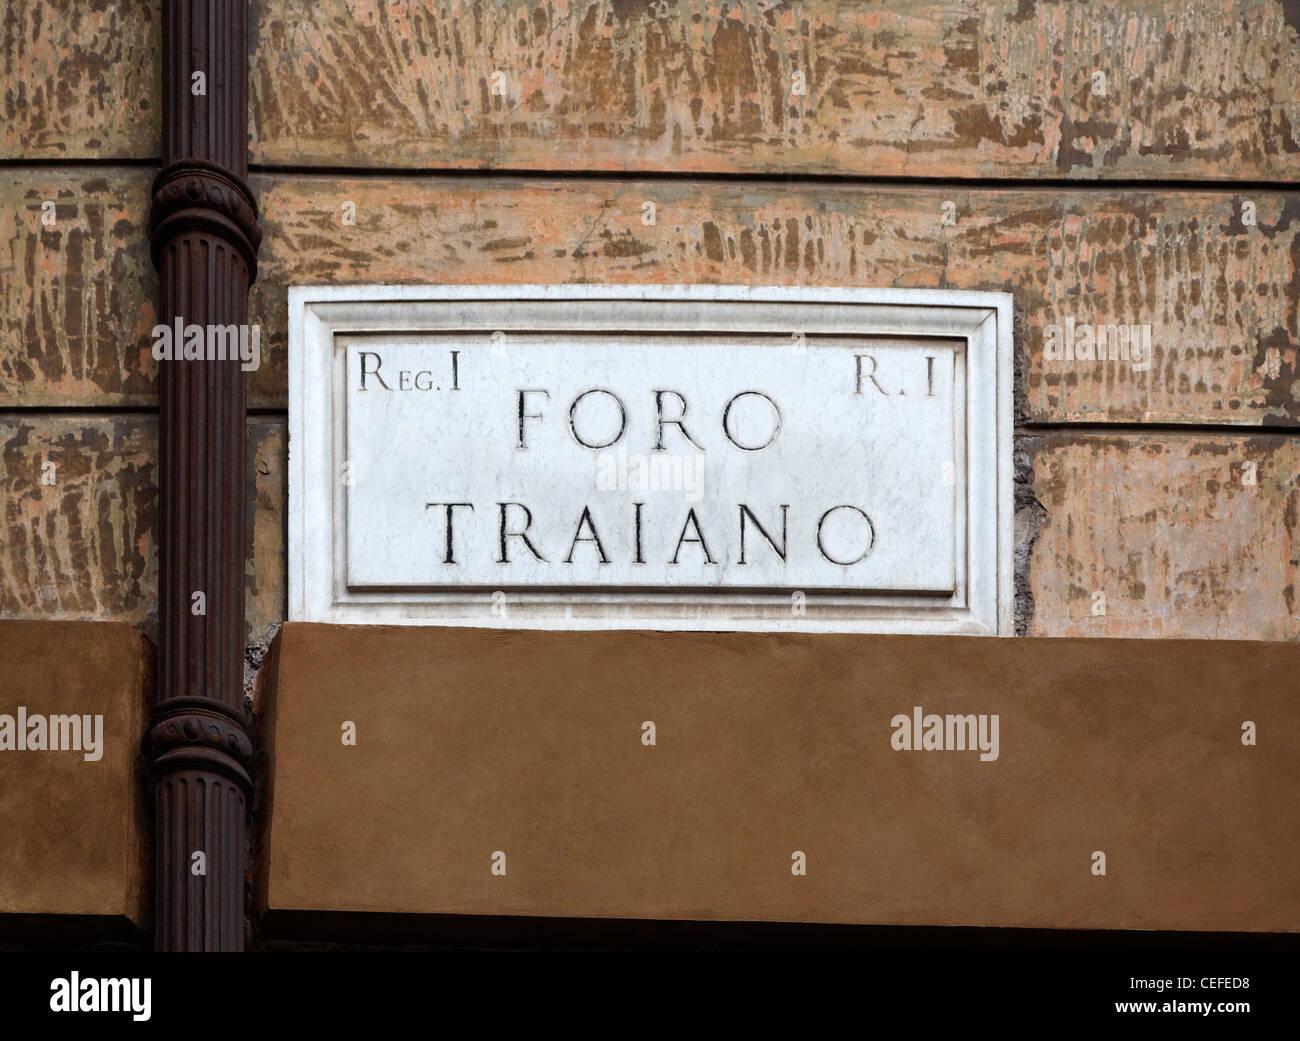 Sign reading 'foro romano' - Stock Image